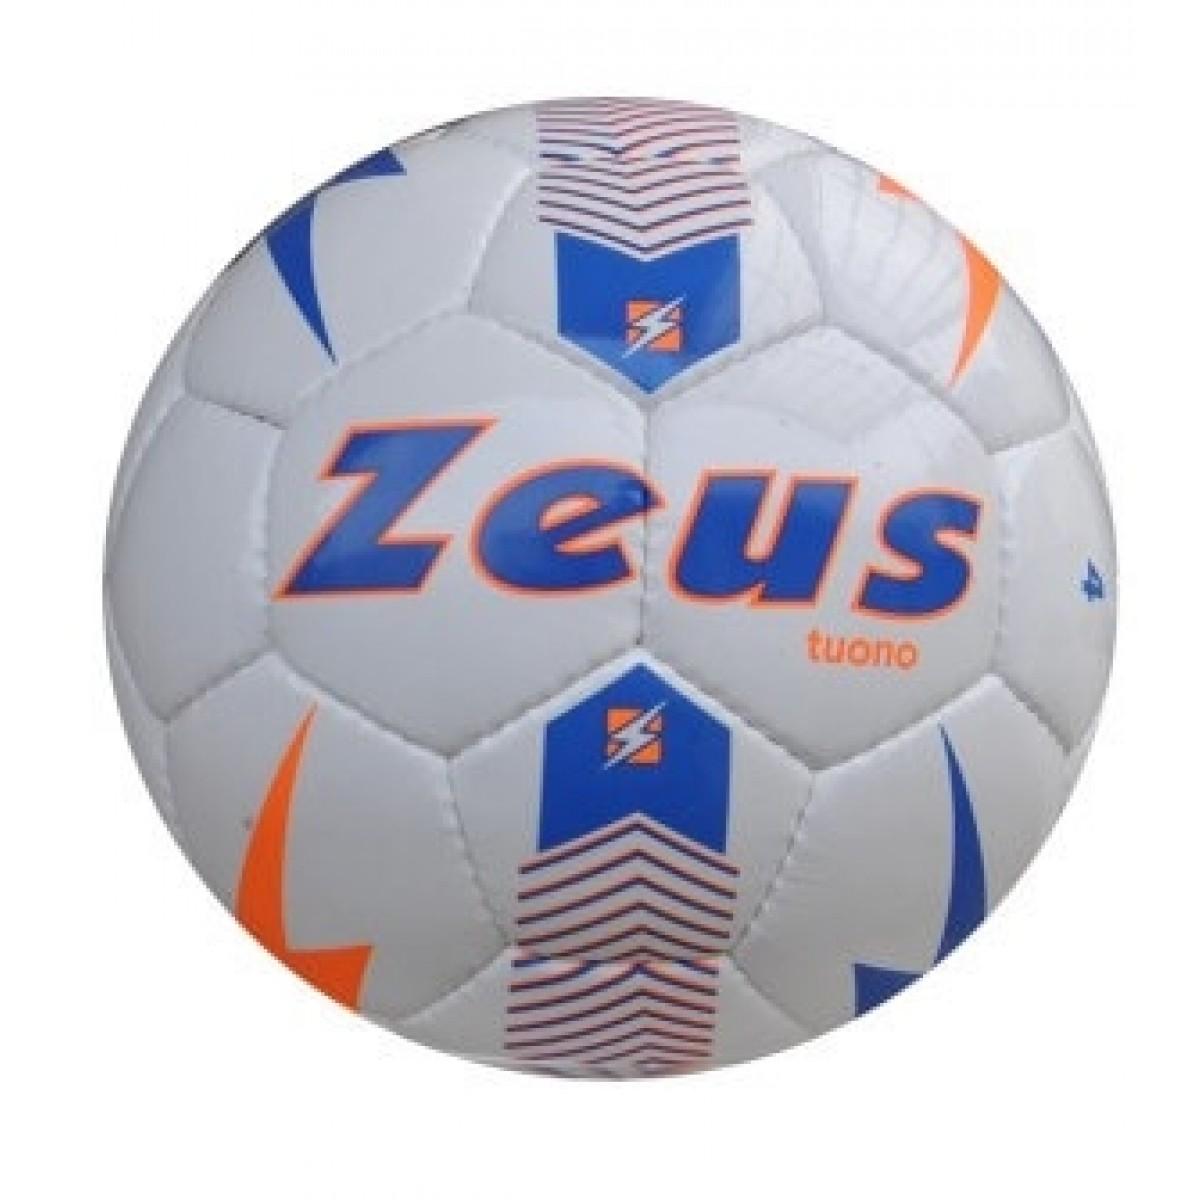 Zeus Tuono 5